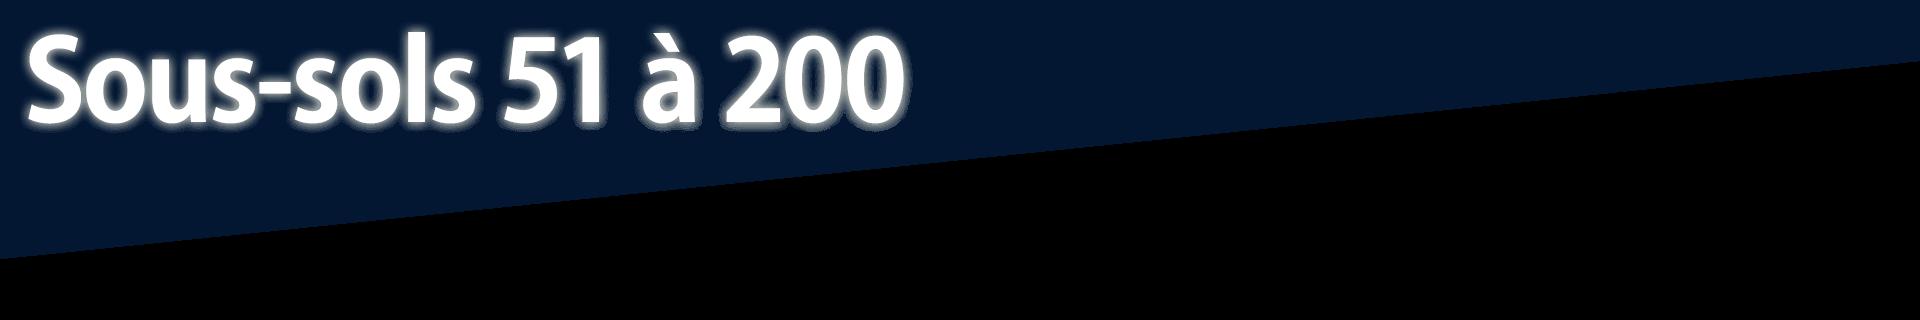 Sous-sols 51 à 200